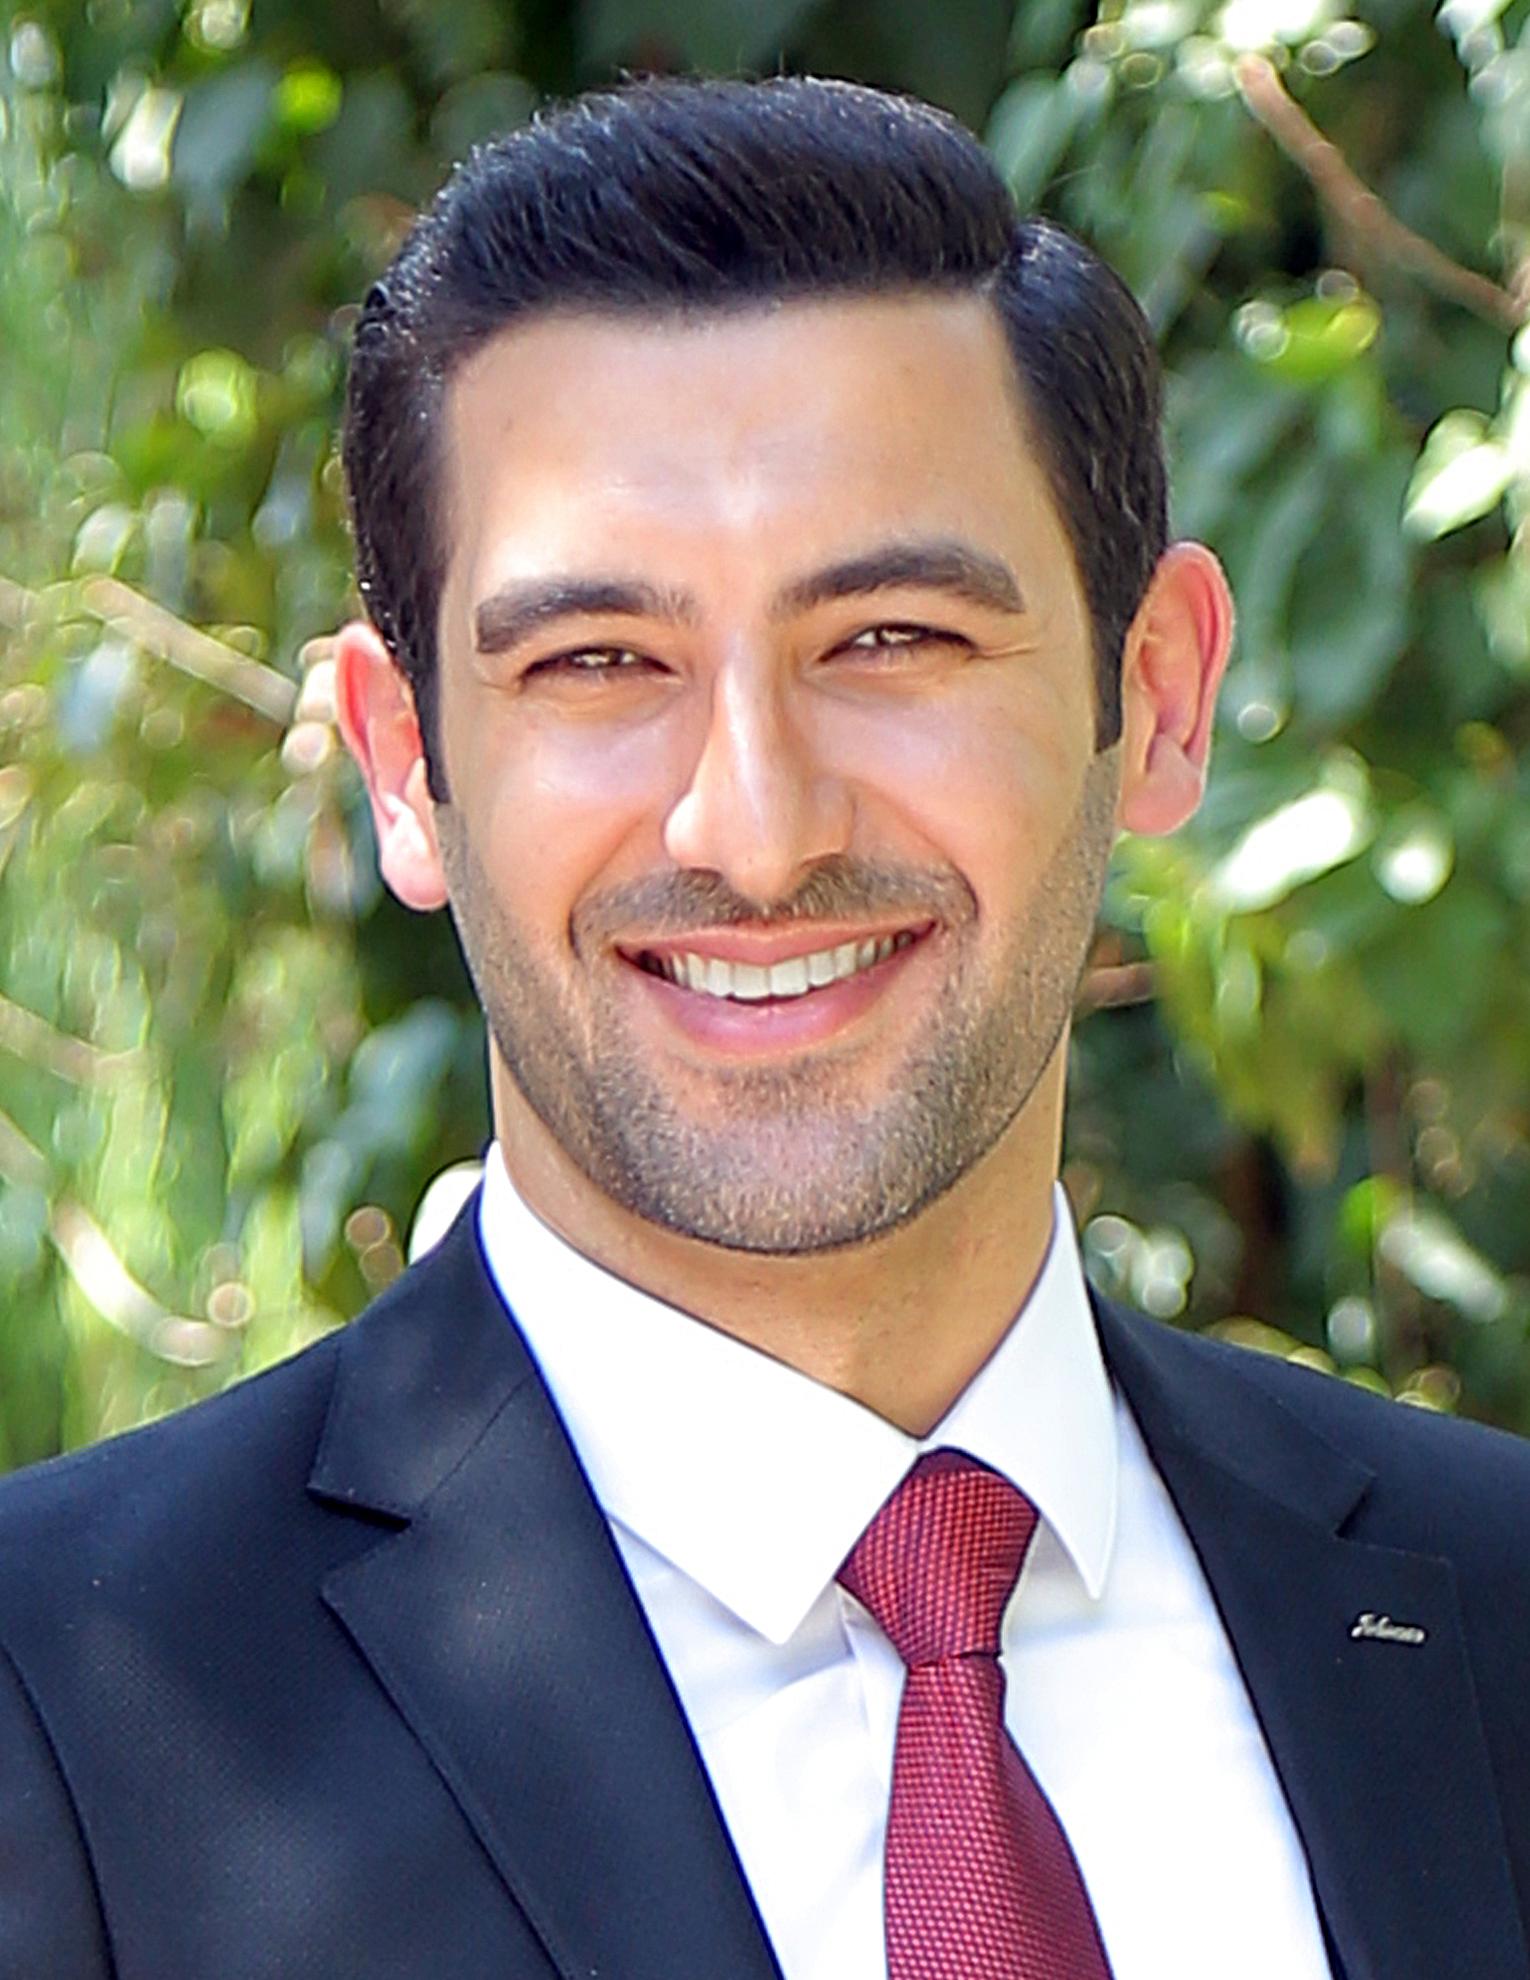 Hossein Entezari